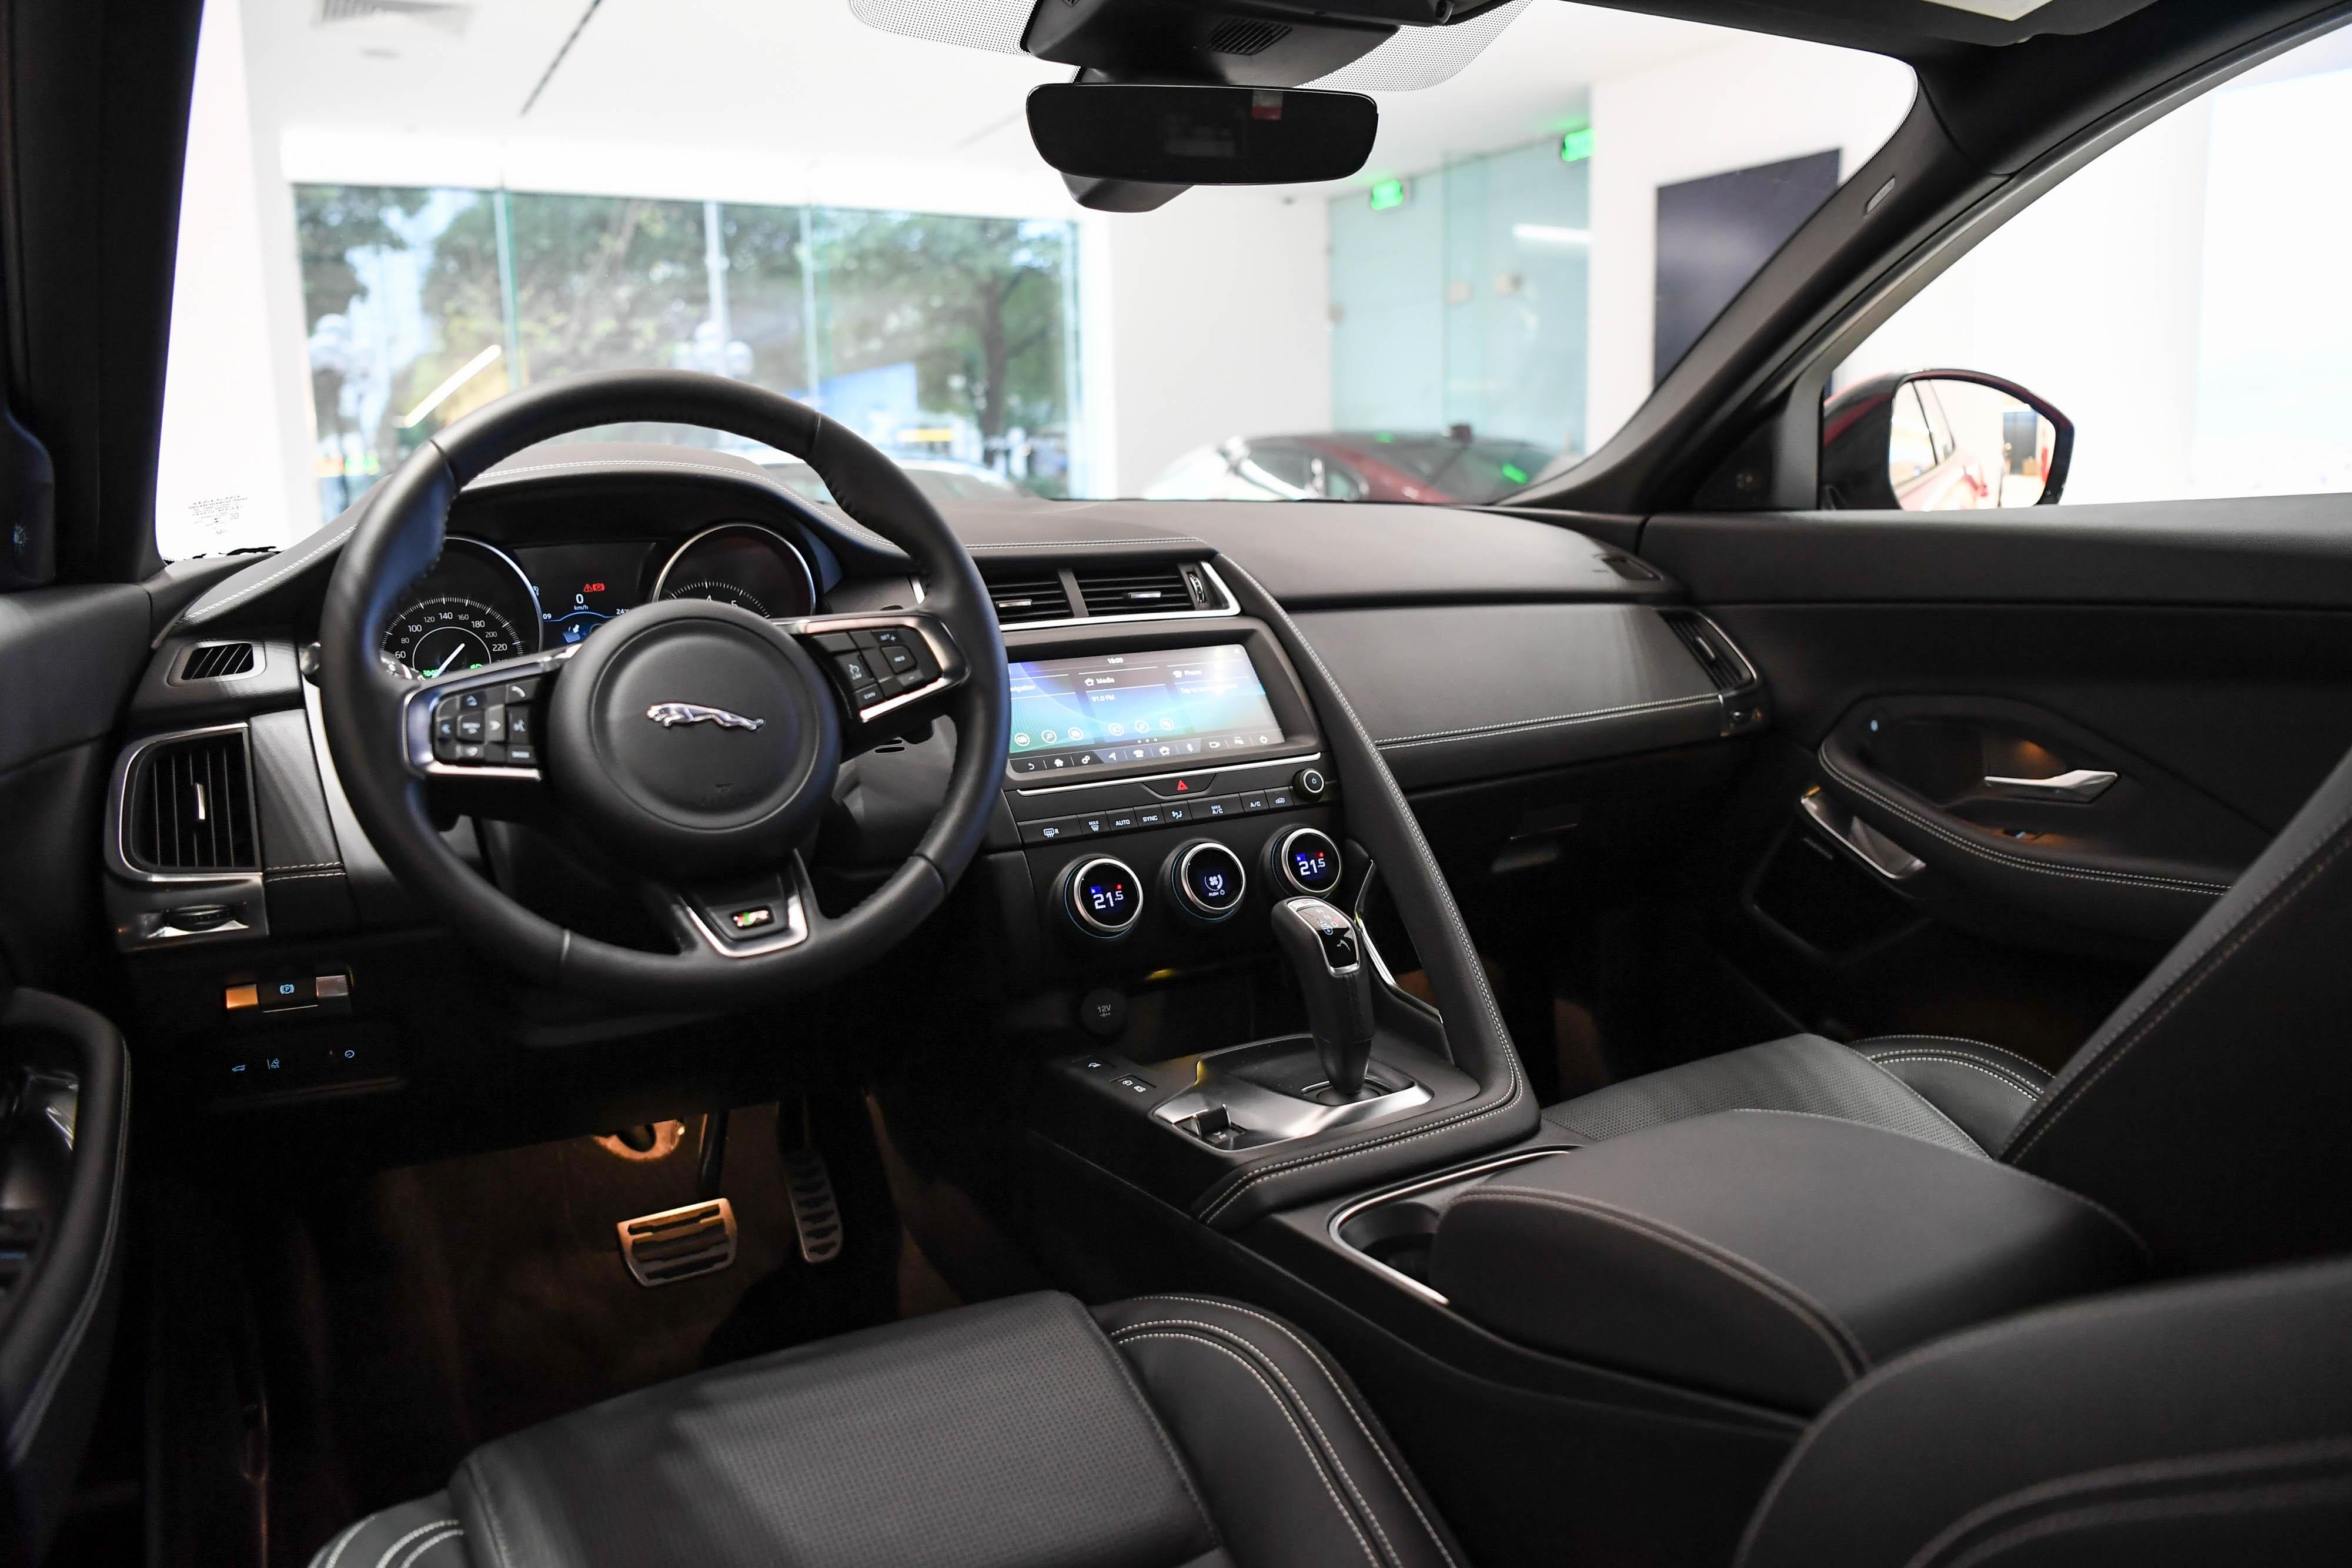 So sanh Range Rover Evoque va Jaguar E-Pace anh 12